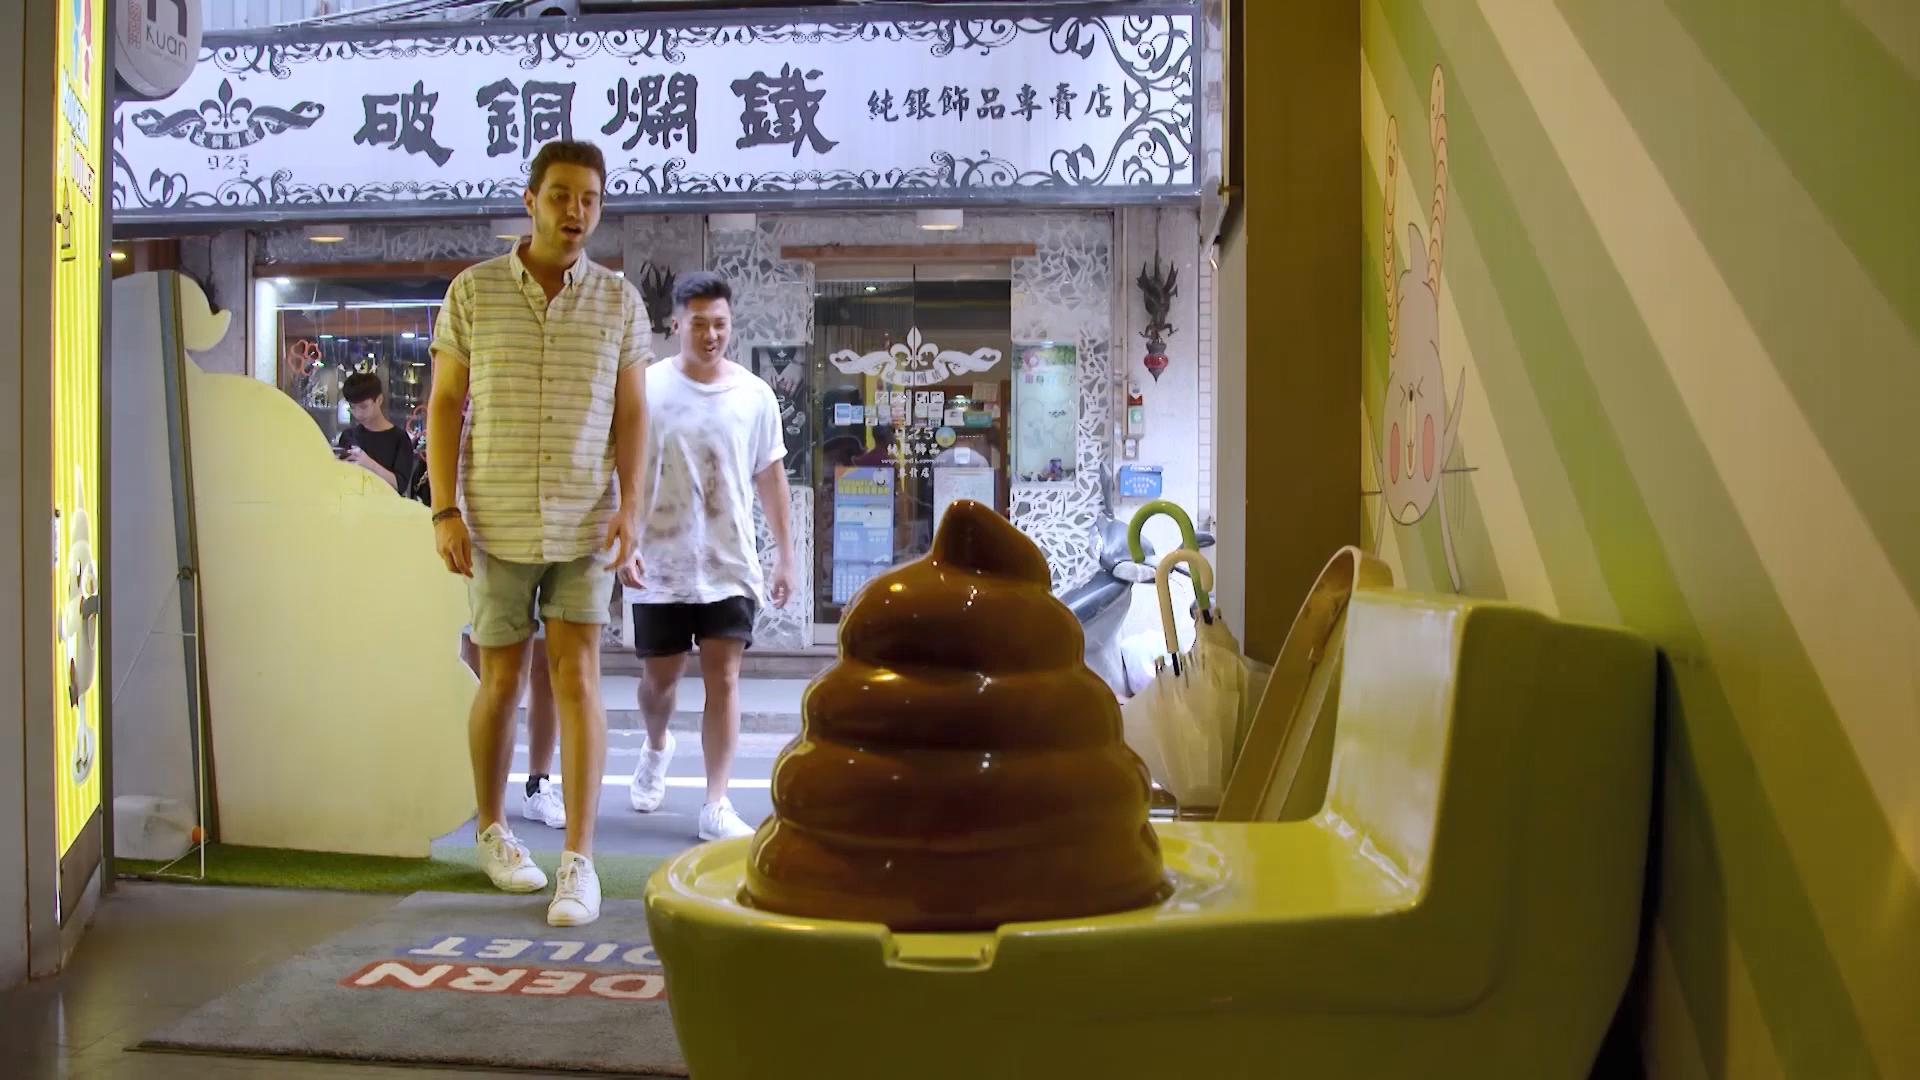 Toilet themed restaurant leaves Guides baffled